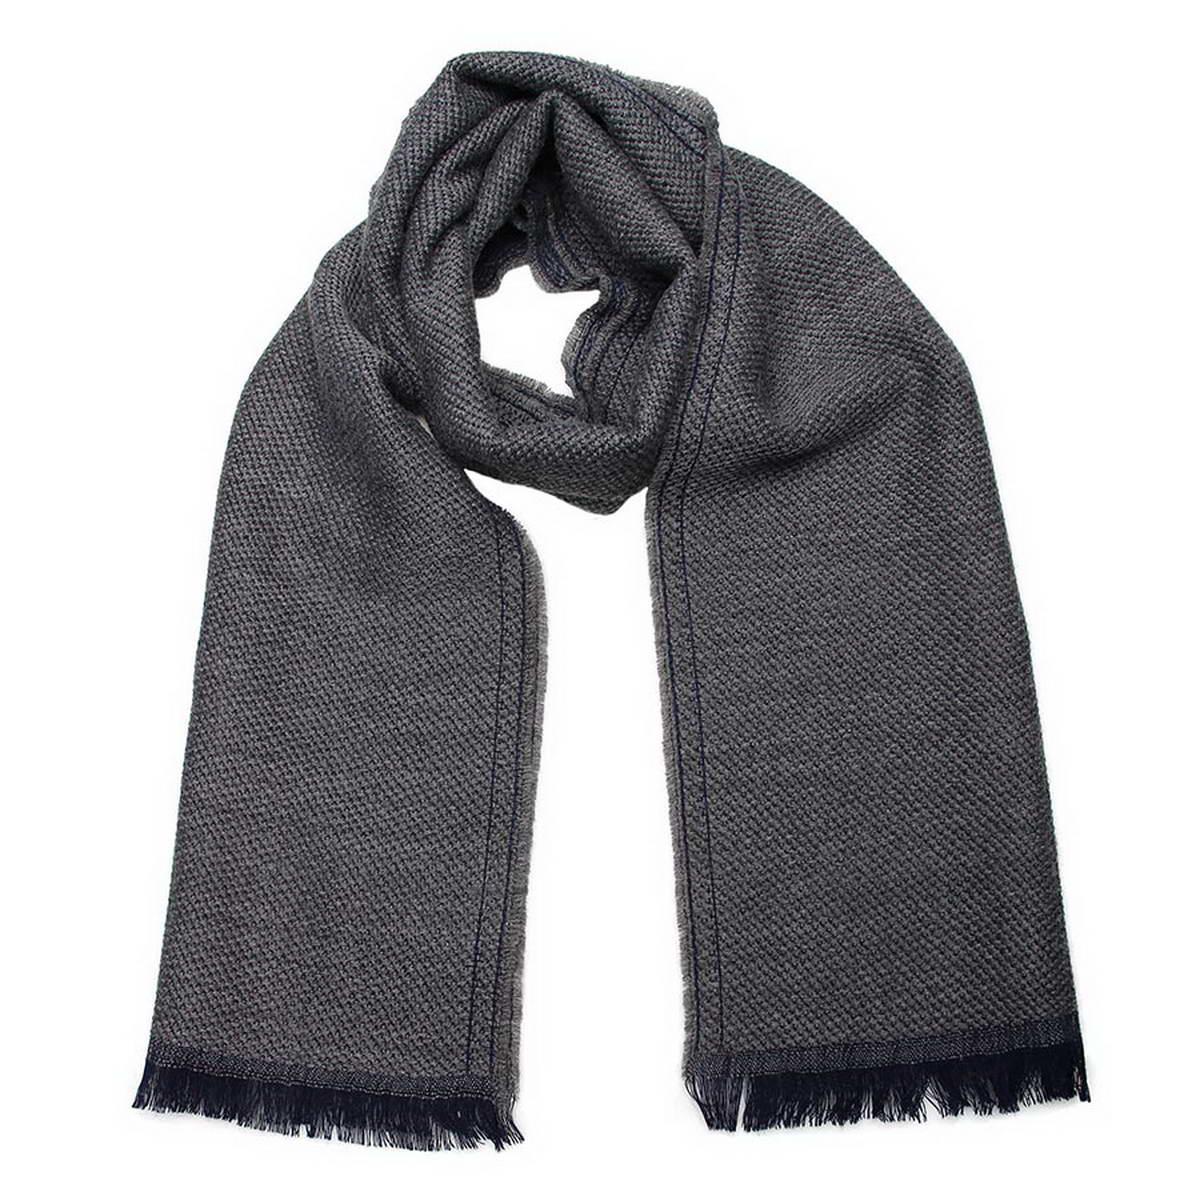 Шарф мужской. 50018325001832-10Стильный мужской шарф Venera будет прекрасно согревать в осеннюю прохладу и морозы. Шарф выполнен из натуральной шерсти и оформлен по краям бахромой. Классический шарф идеально дополнит мужской образ, а ненавязчивый дизайн сделает аксессуар универсальной вещью, которая удачно дополнит любую верхнюю одежду мужчины, подчеркнет неповторимый вкус и элегантность.